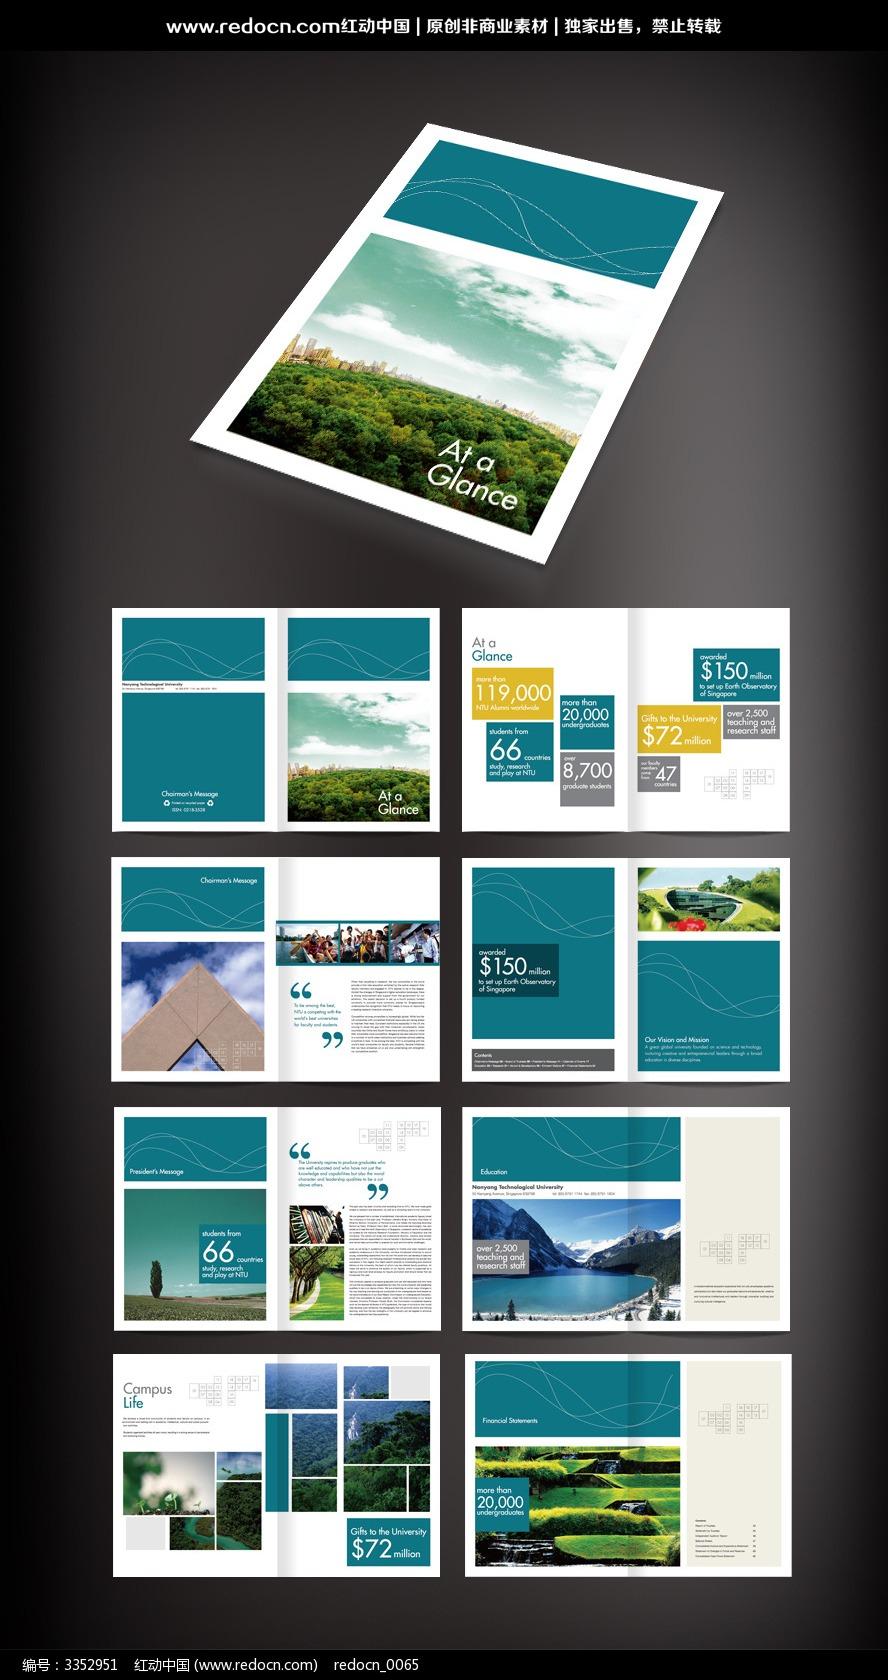 画册设计/书籍/菜谱 企业画册 宣传画册 公司形象宣传册版式设计图片